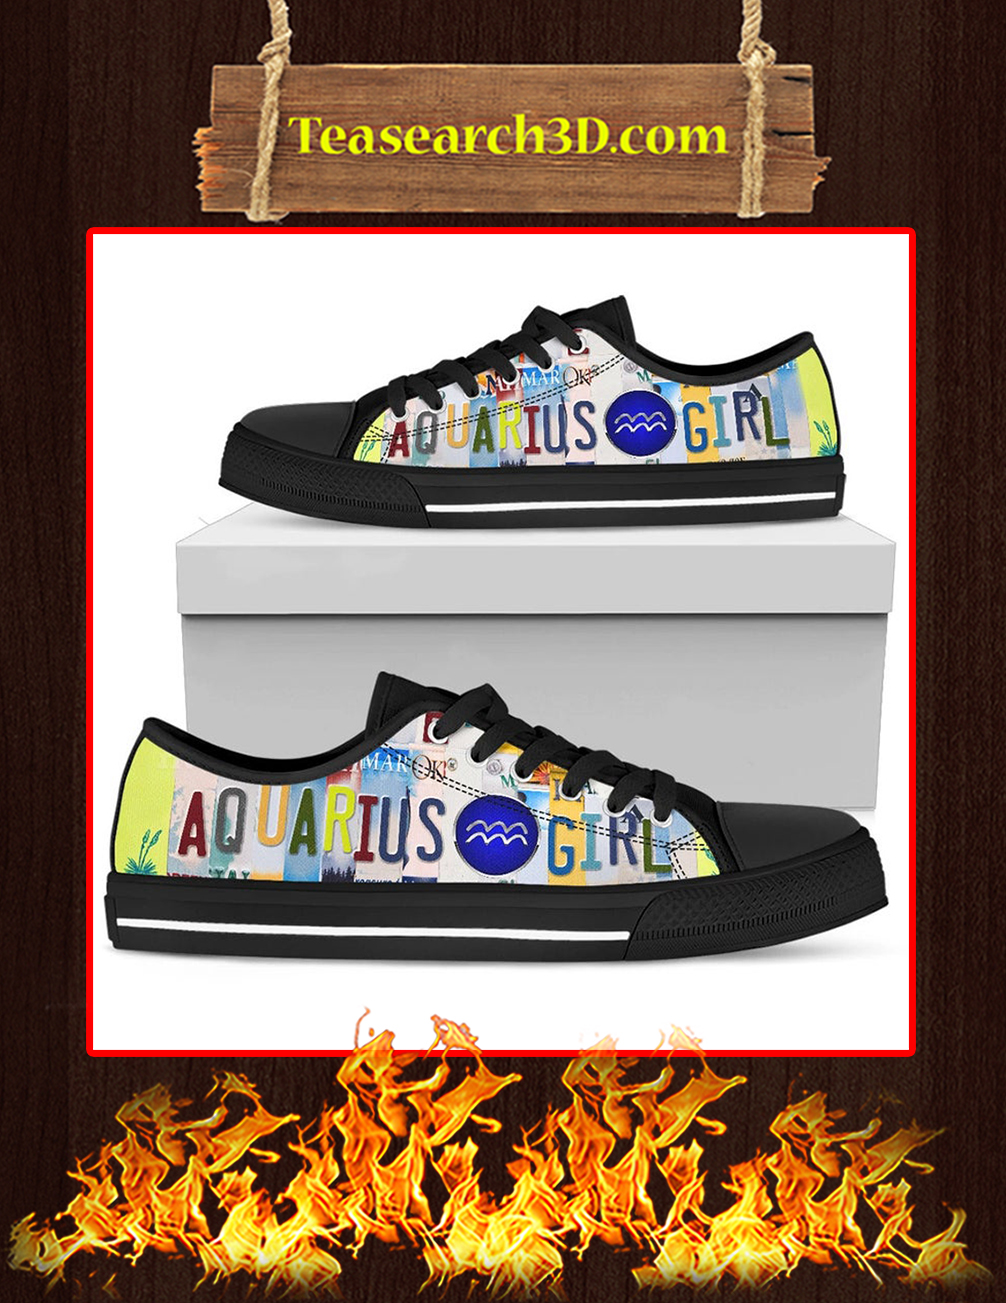 Aquarius Girl Low Top Shoes Black